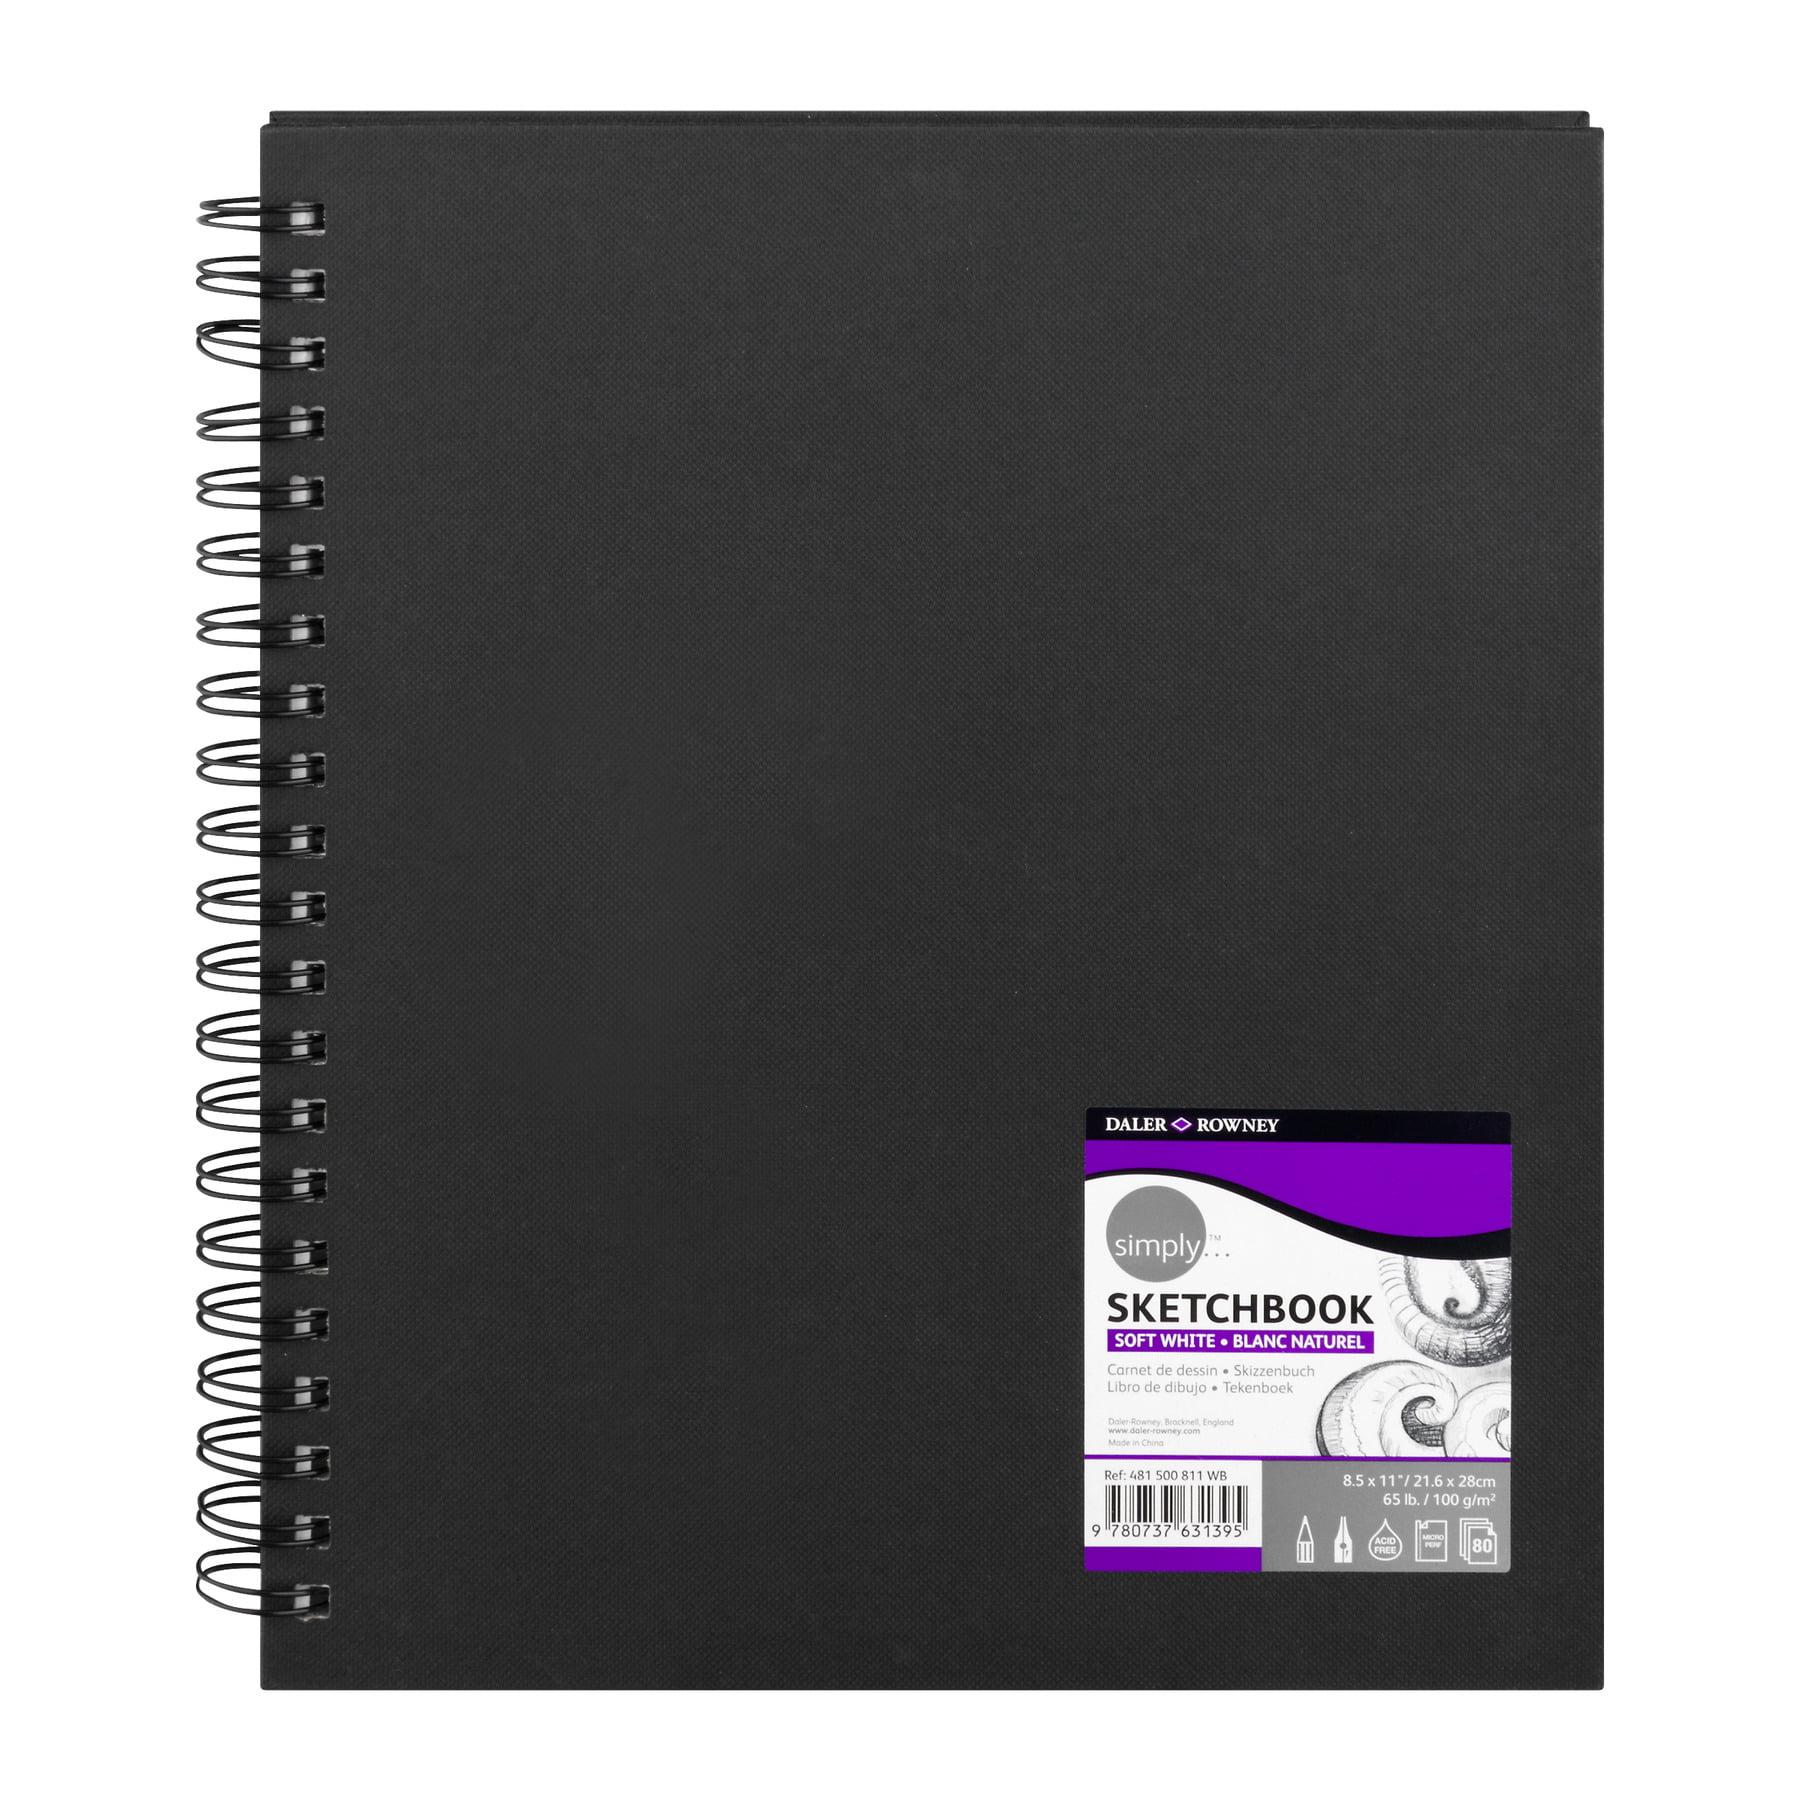 """Daler Rowney Simply Artist Sketchbook, 8.5"""" x 11\ by Daler-Rowney"""